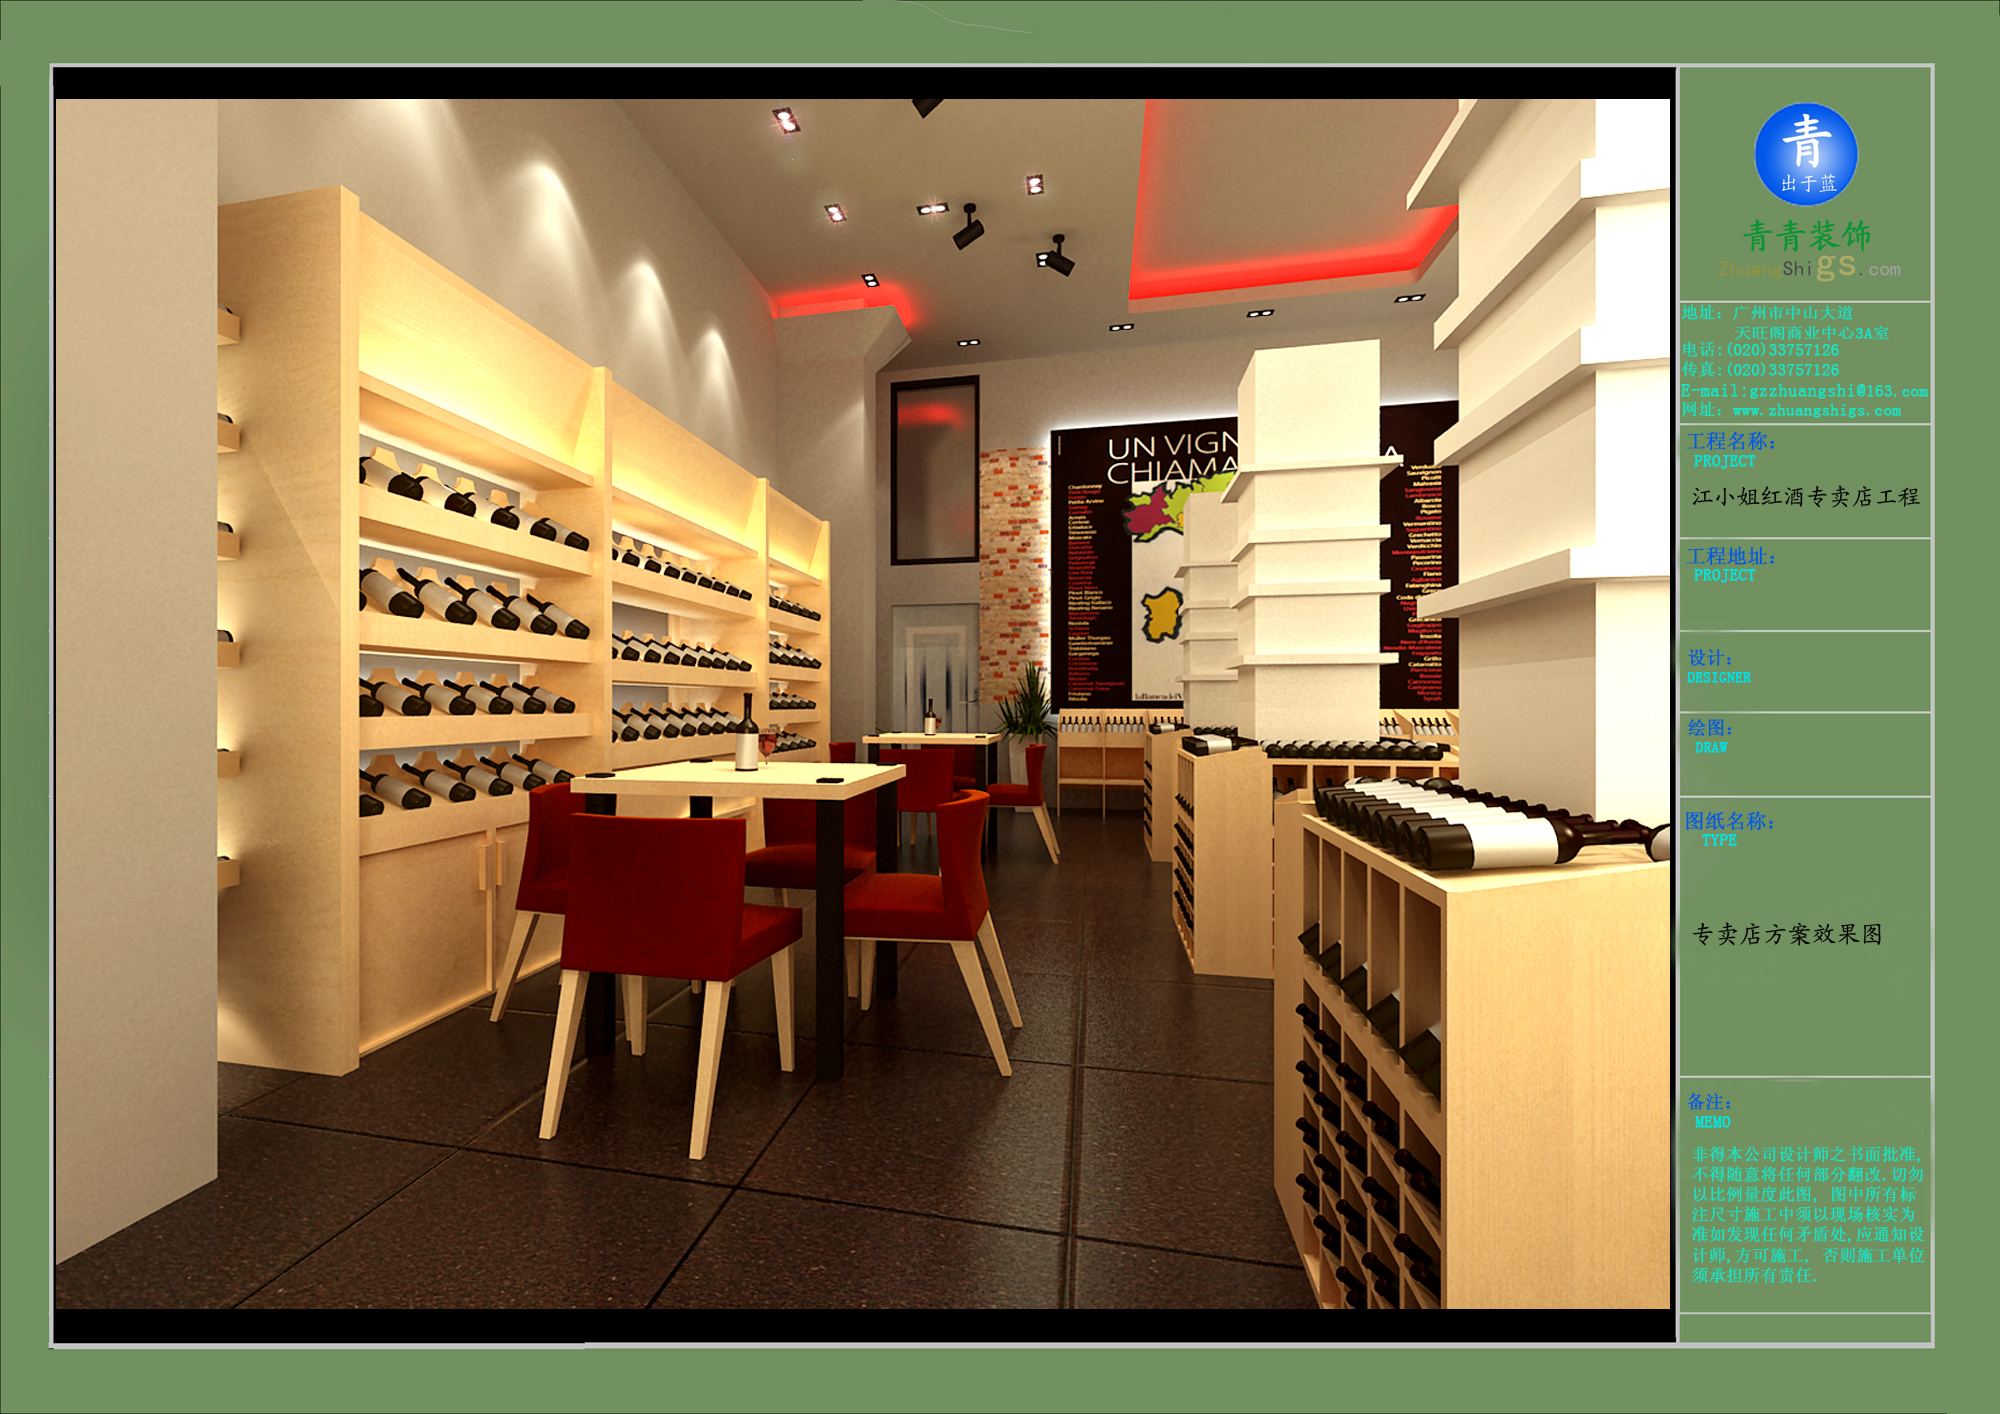 广州红酒商铺manbetx手机登录设计案例